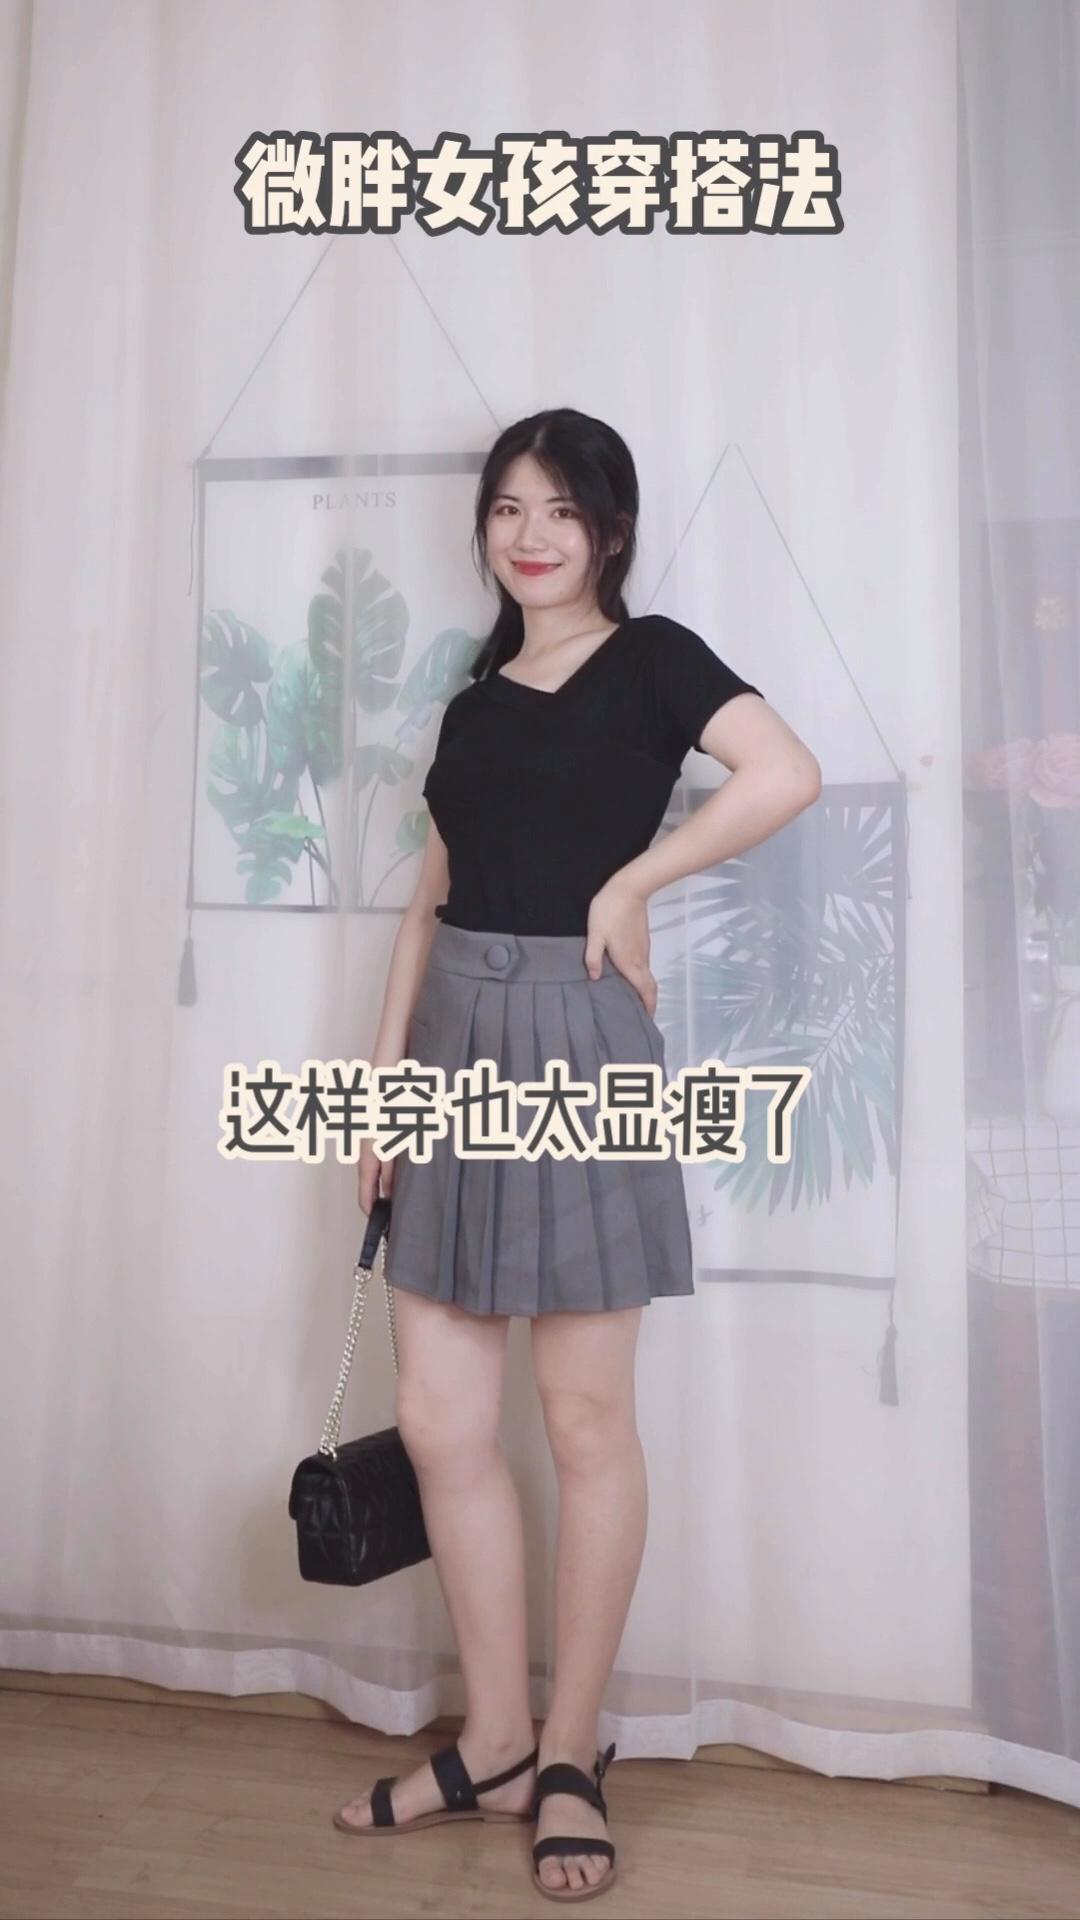 #三伏天最全露肤攻略~# 黑色修身T恤搭配灰色半裙,真的超级A! 和我一样的微胖女孩真的可以试试这件不规则领口t恤,搭配这款半裙真的太显瘦了! 鞋包也选择了黑色,虽然是颜色简单的单品,但是巧妙在设计感,使得整体感很强,日常休闲我最爱这么穿,简约不简单!